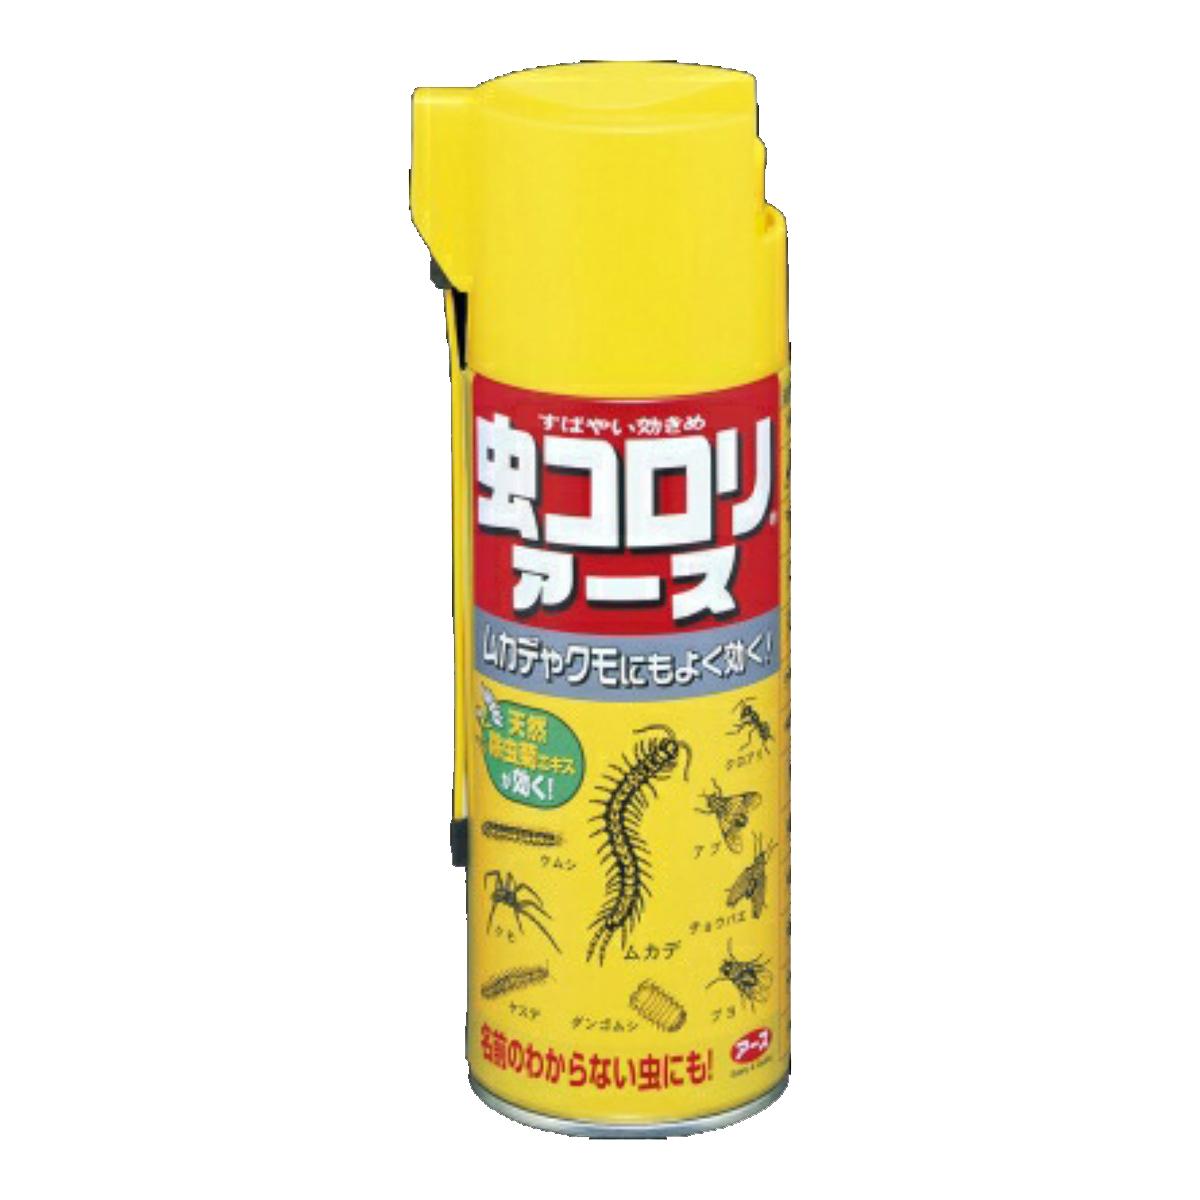 【送料無料】アース製薬 虫コロリアース ( エアゾール ) 300ml×20点セット まとめ買い特価!ケース販売 ( 4901080066503 )